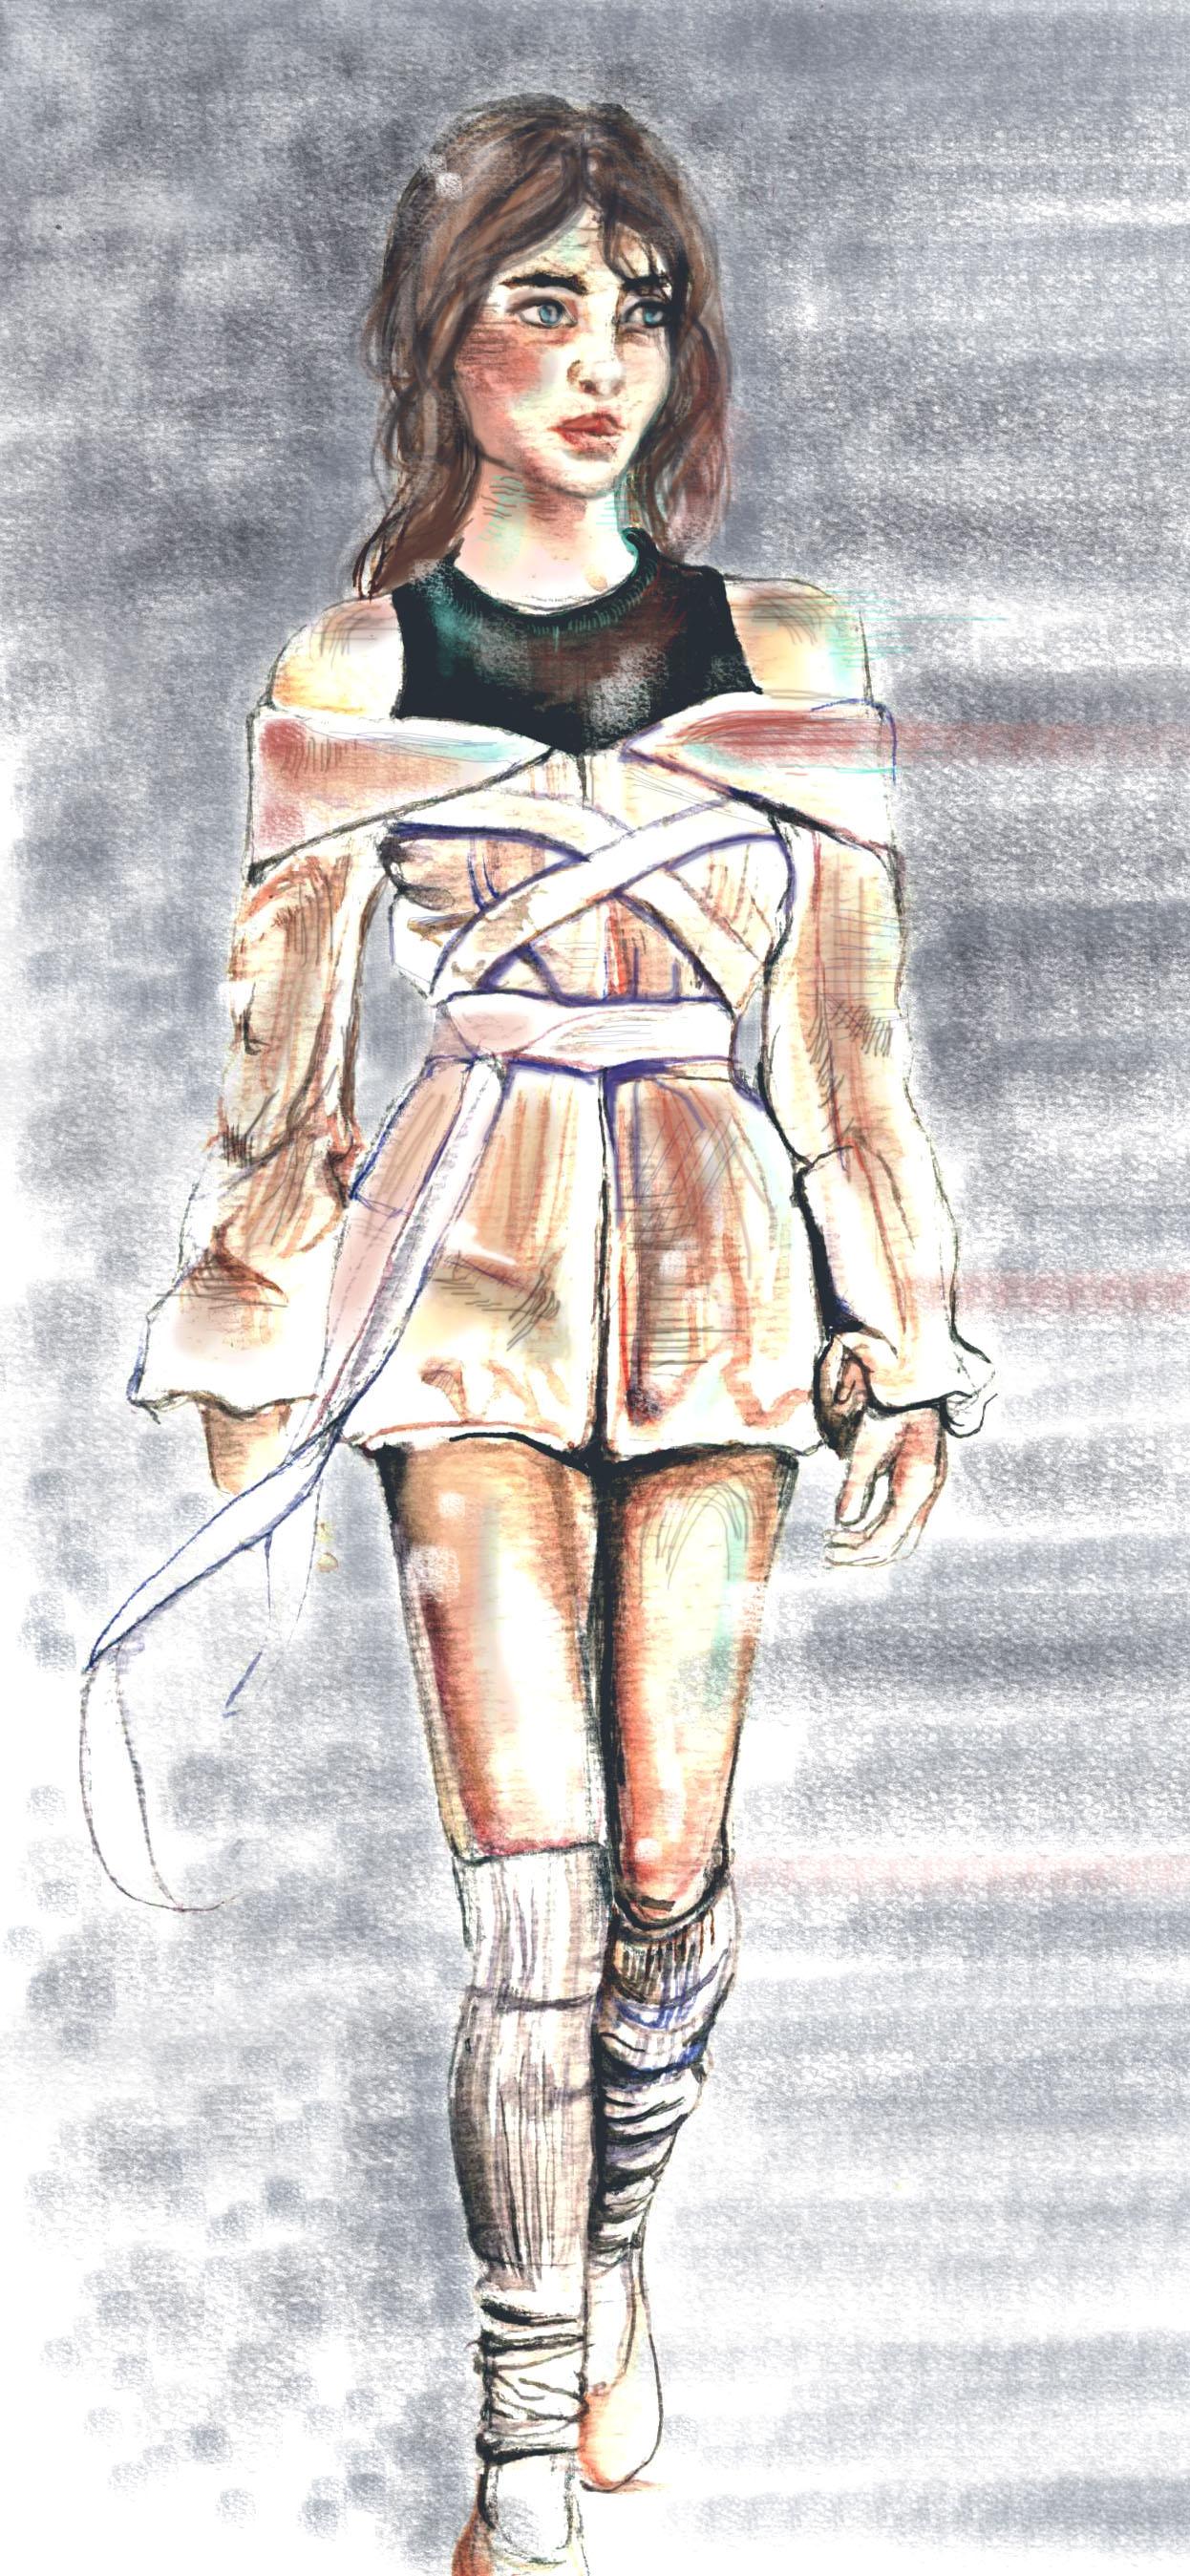 Illustration by Krista Webster